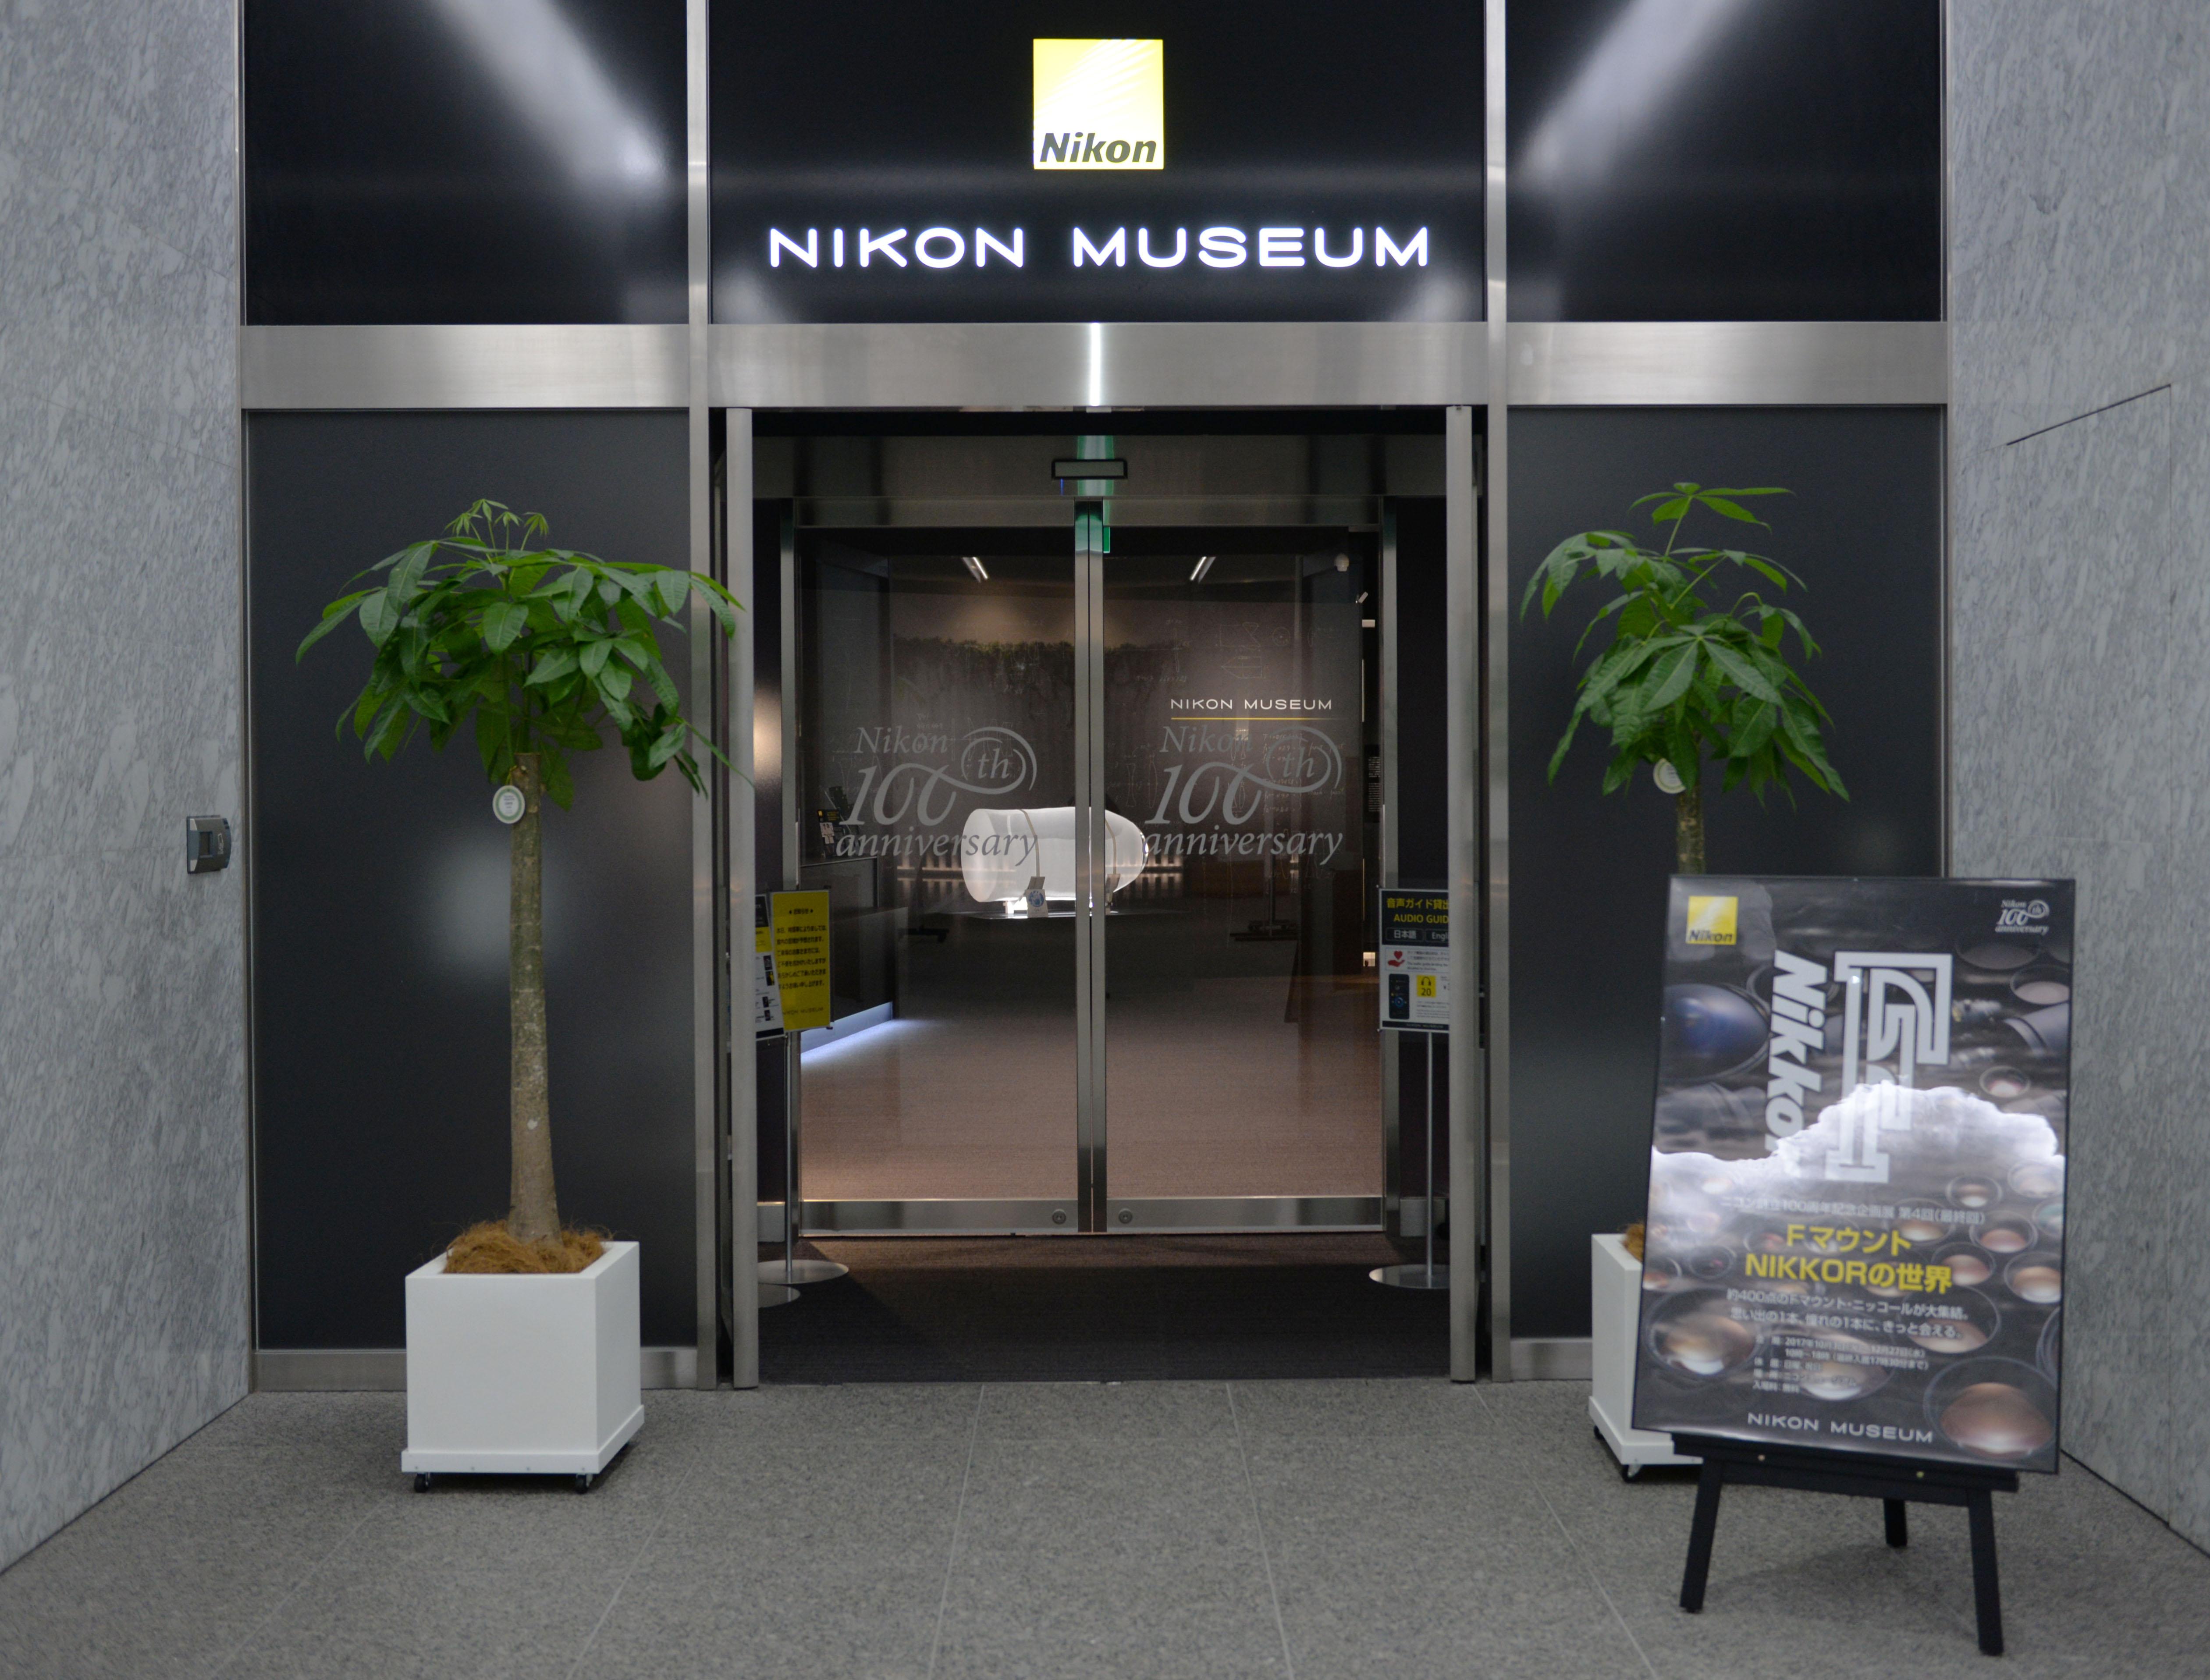 ニコンミュージアム入口